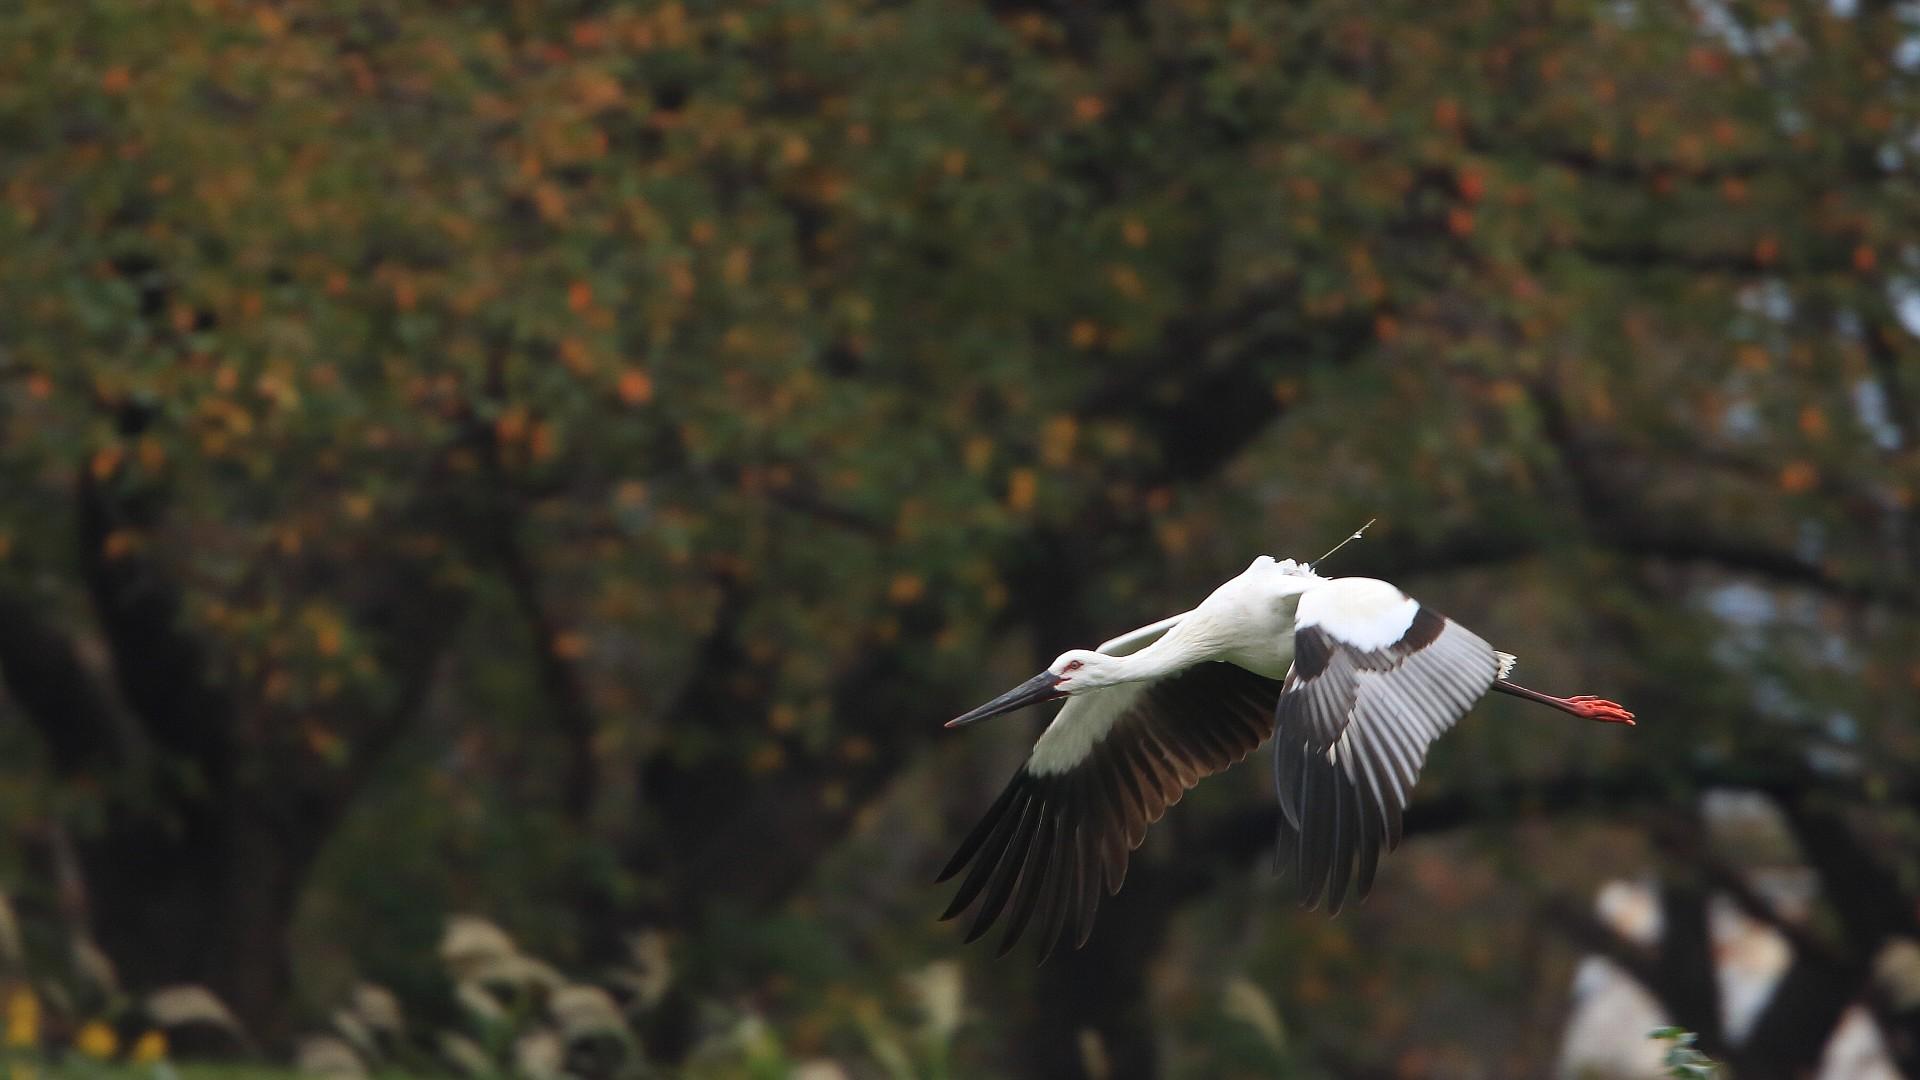 自宅そばの相模川でコウノトリに逢えました!_f0105570_21442234.jpg